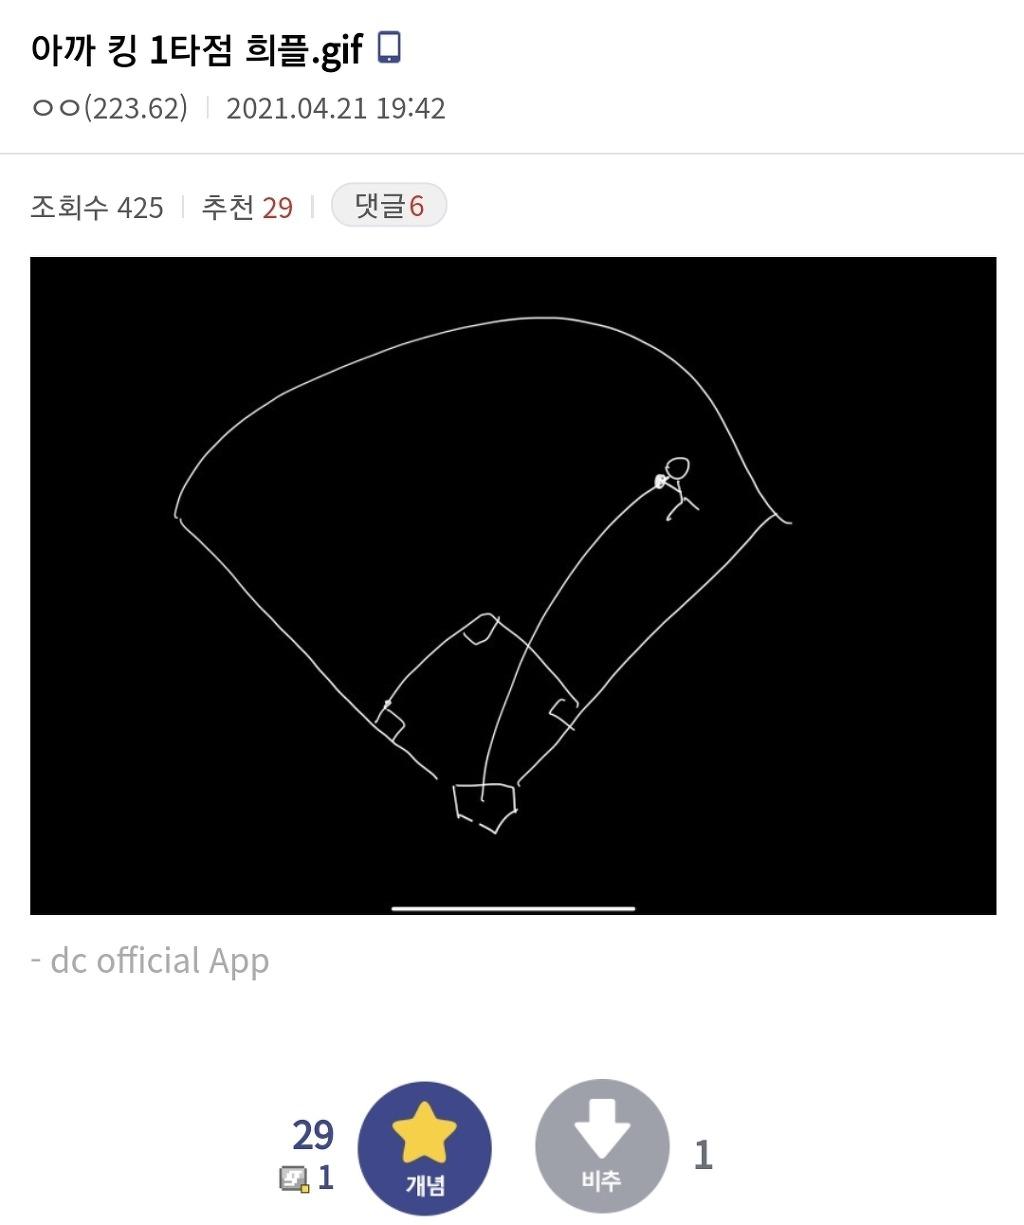 KBO 움짤금지에 미쳐버린 야구팬들 - 꾸르